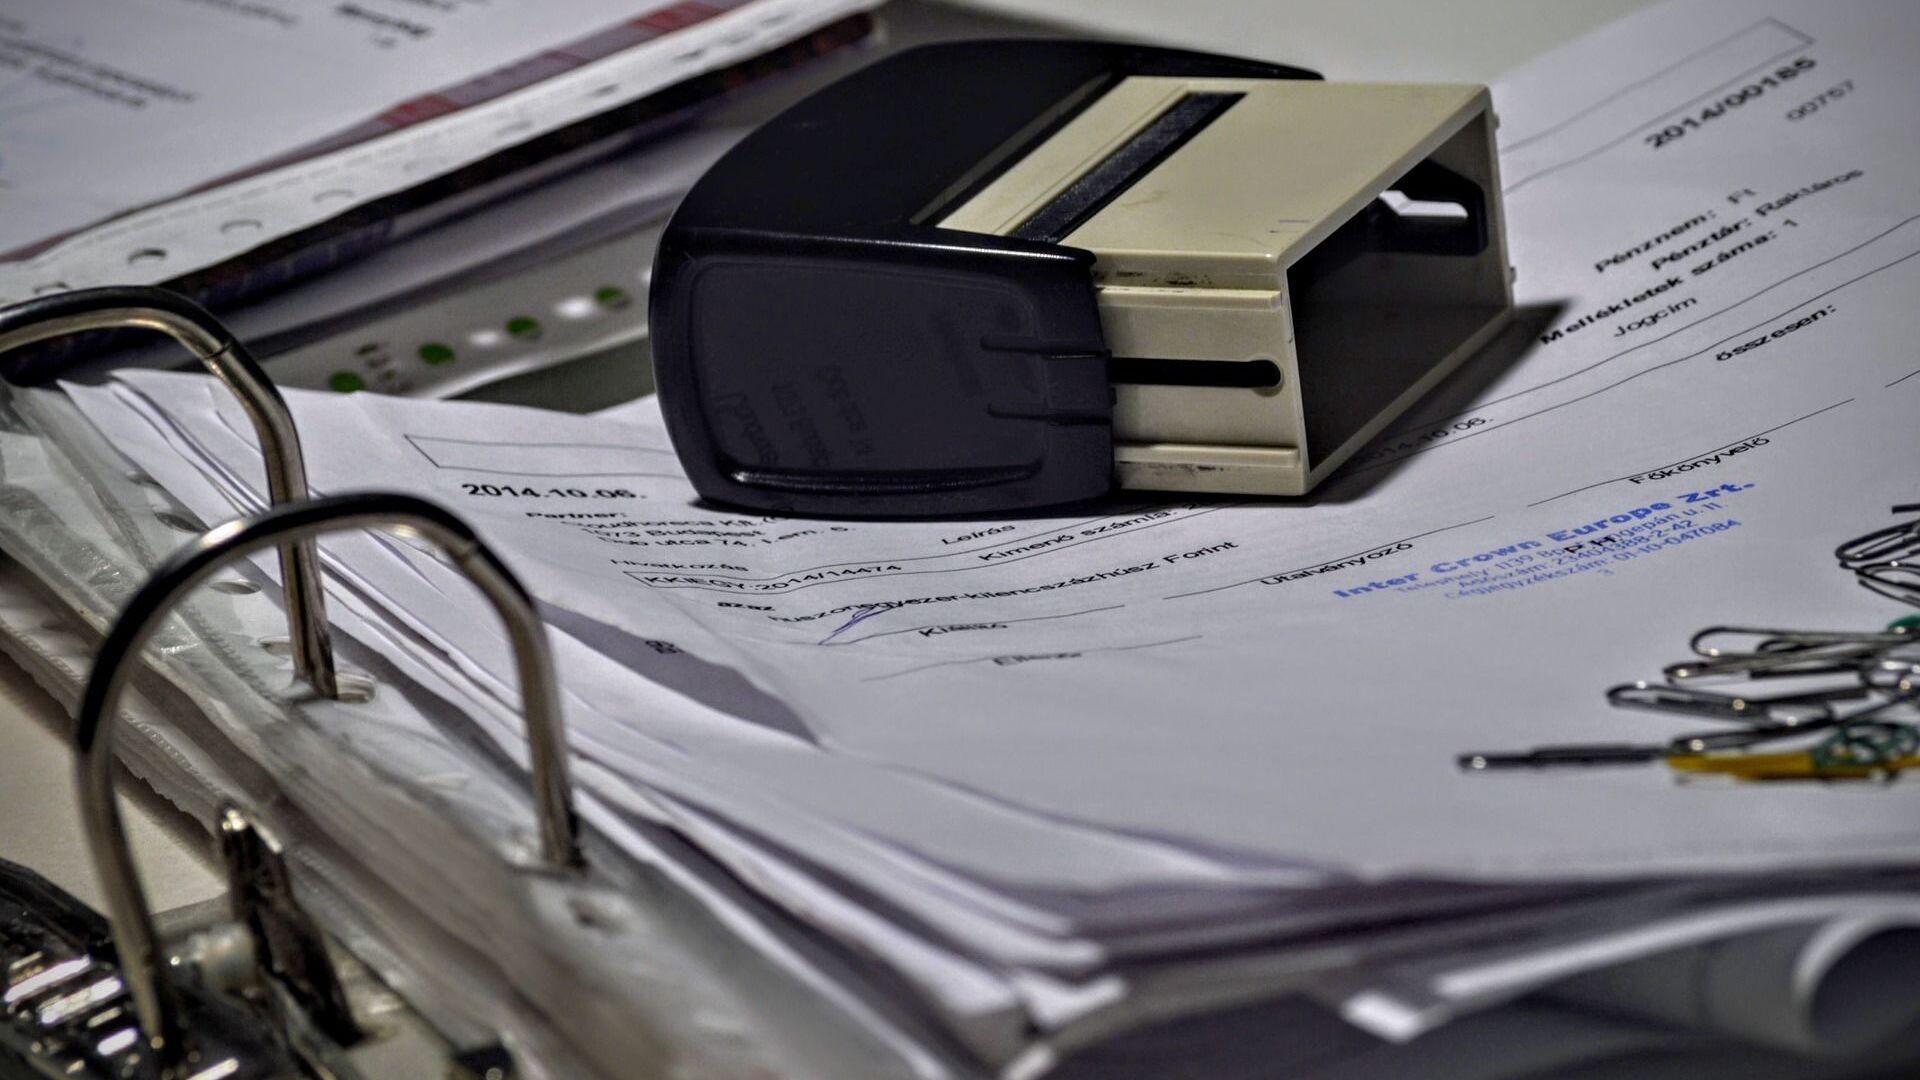 Каждая бумага, которой забиты папки в бухгалтерии, бухгалтером составлена и трижды проверена - Sputnik Беларусь, 1920, 07.10.2021